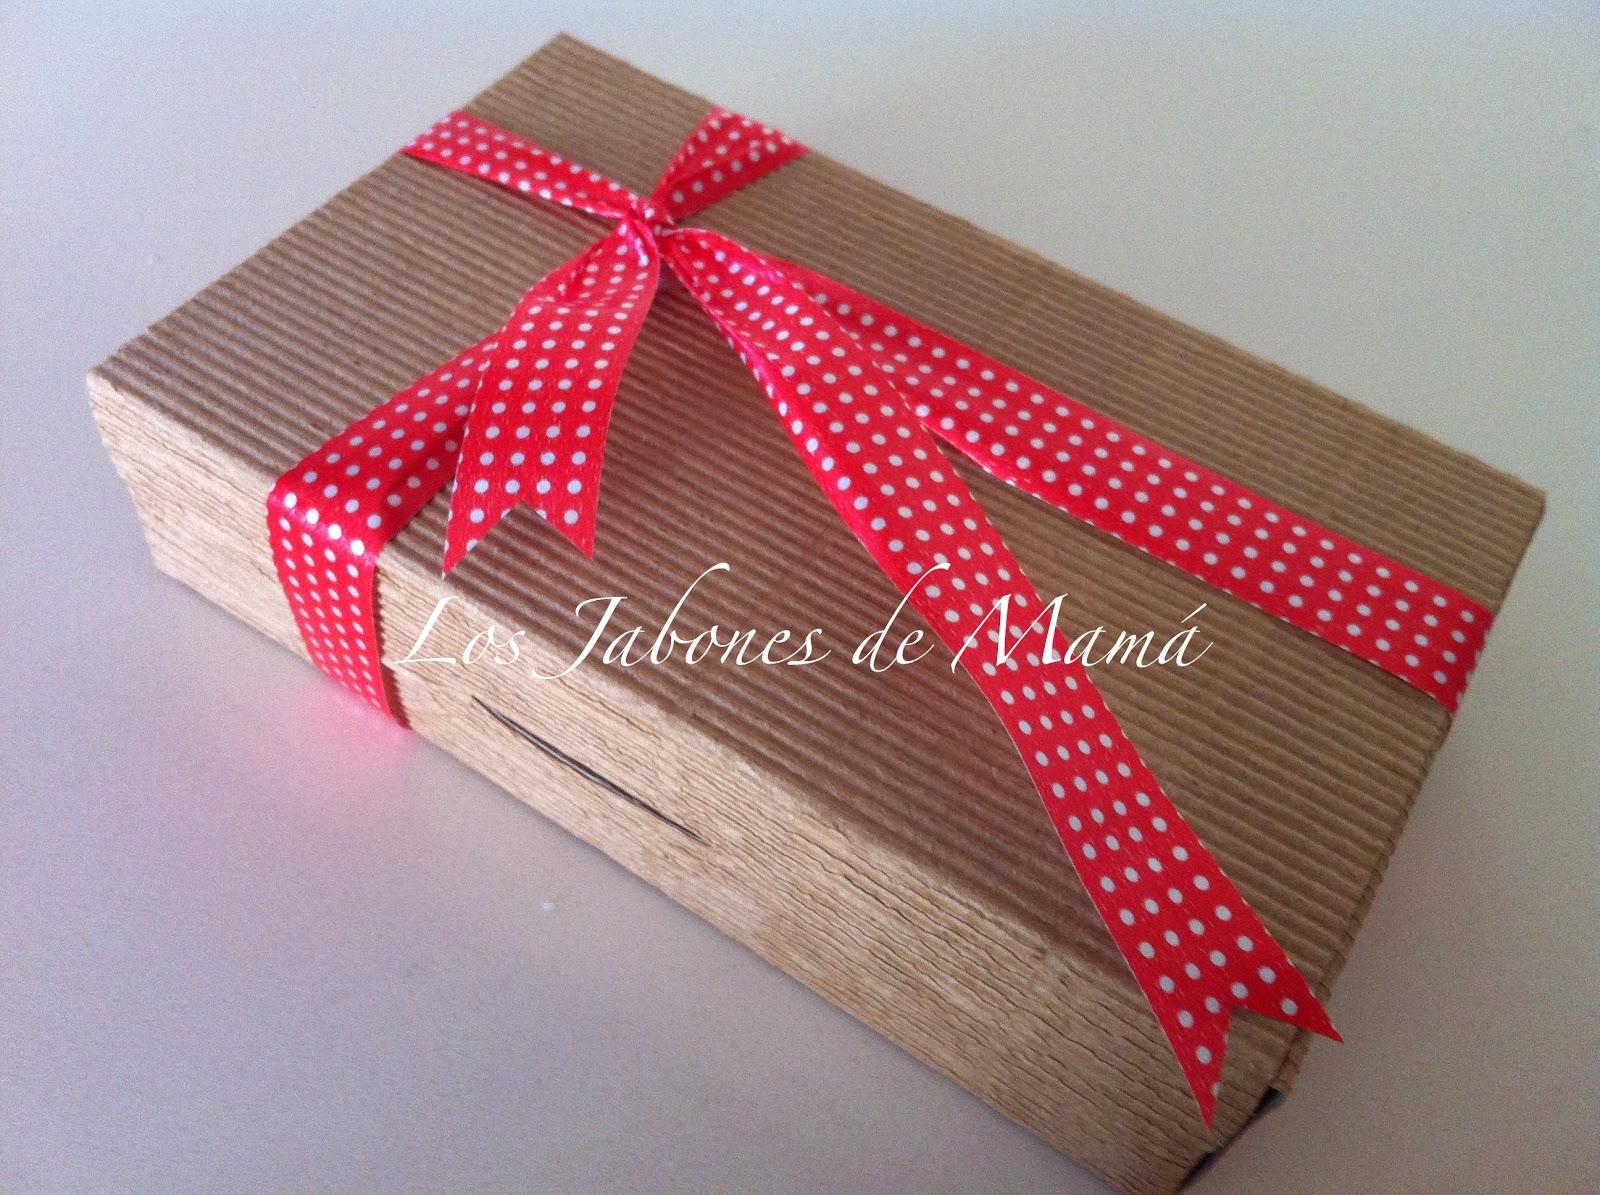 Los jabones de mam regalos de navidad kraft con lunares - Cajas grandes de carton decoradas ...